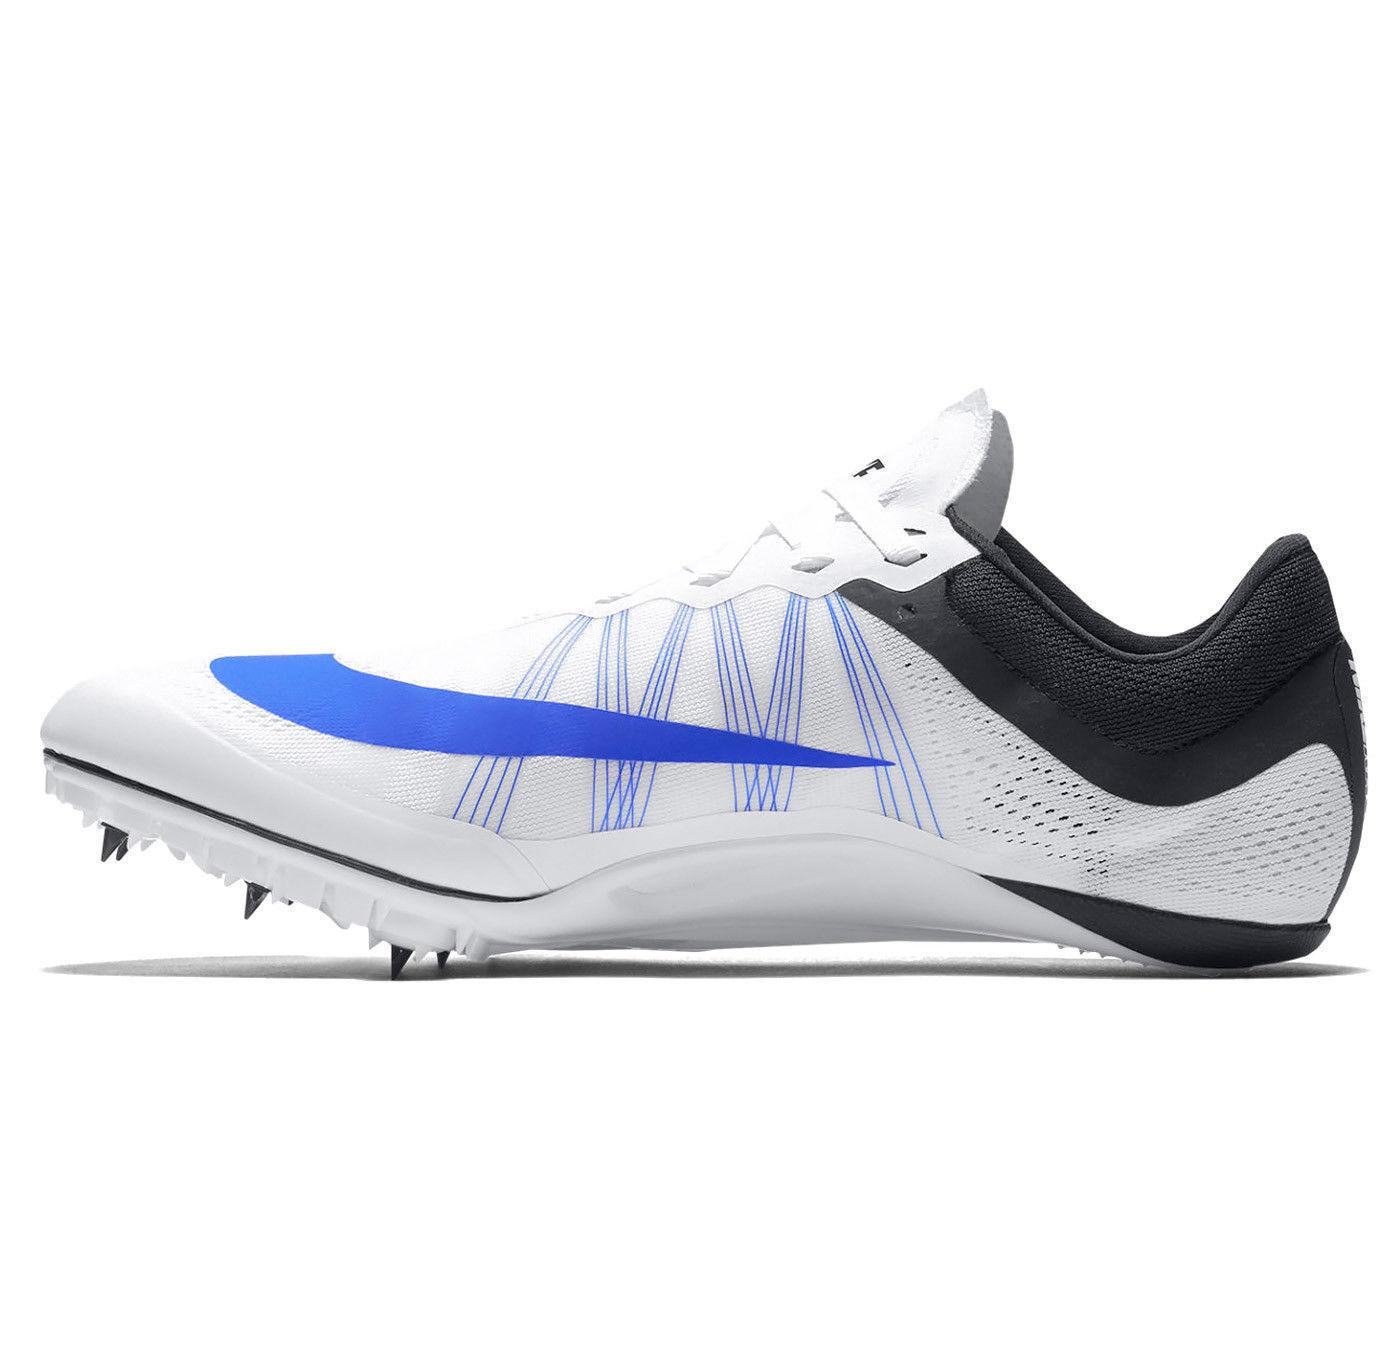 Nike Zoom JA Fly 2 Men's Sprint Spikes - Sz 12.5 White/Black/Blue 705373-100